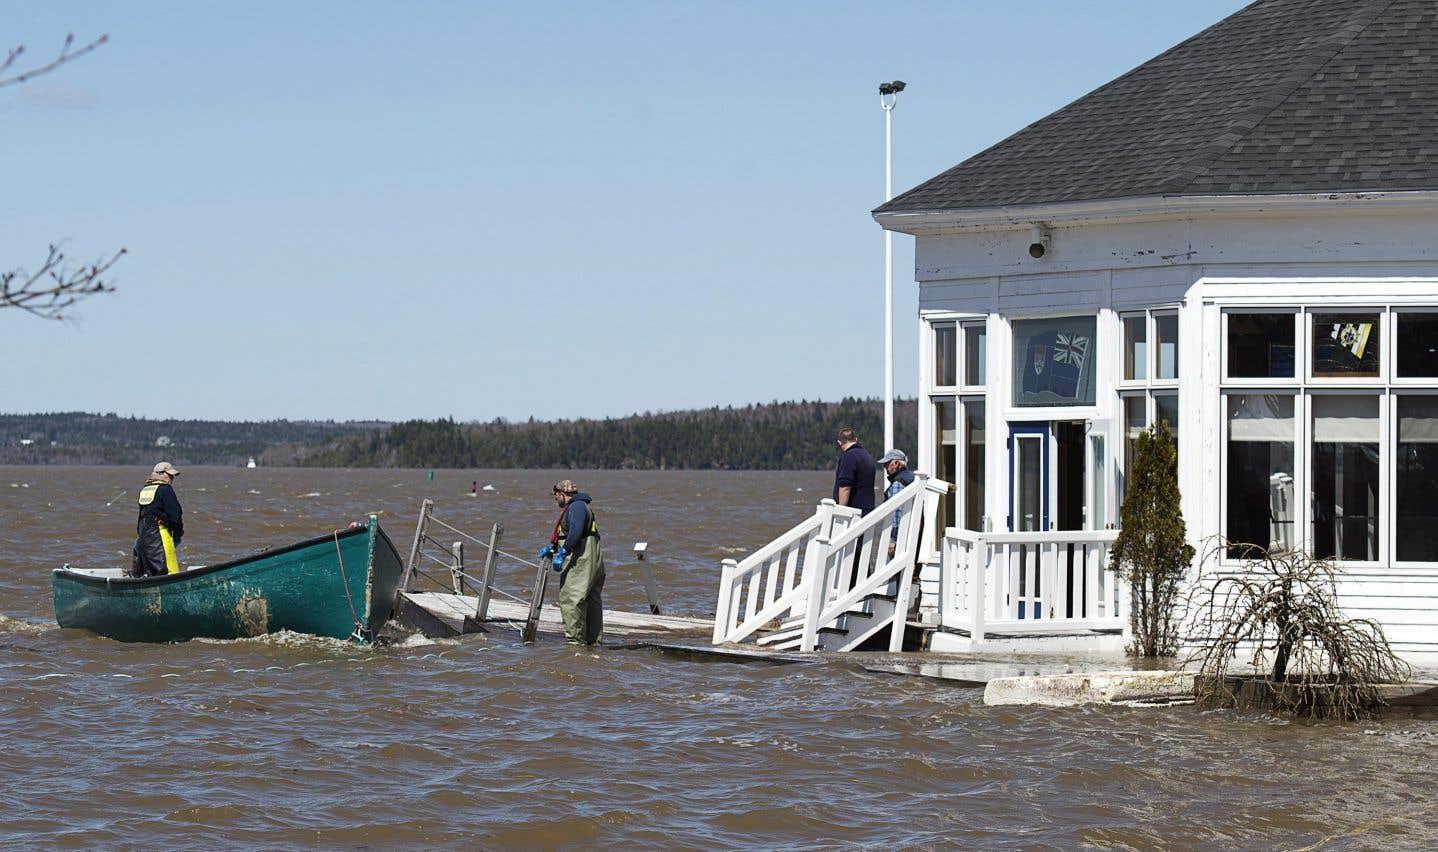 Les niveaux de l'eau pourraient atteindre des seuils historiques, peut-être même plus élevés que ceux enregistrés lors des inondations records de 1973.